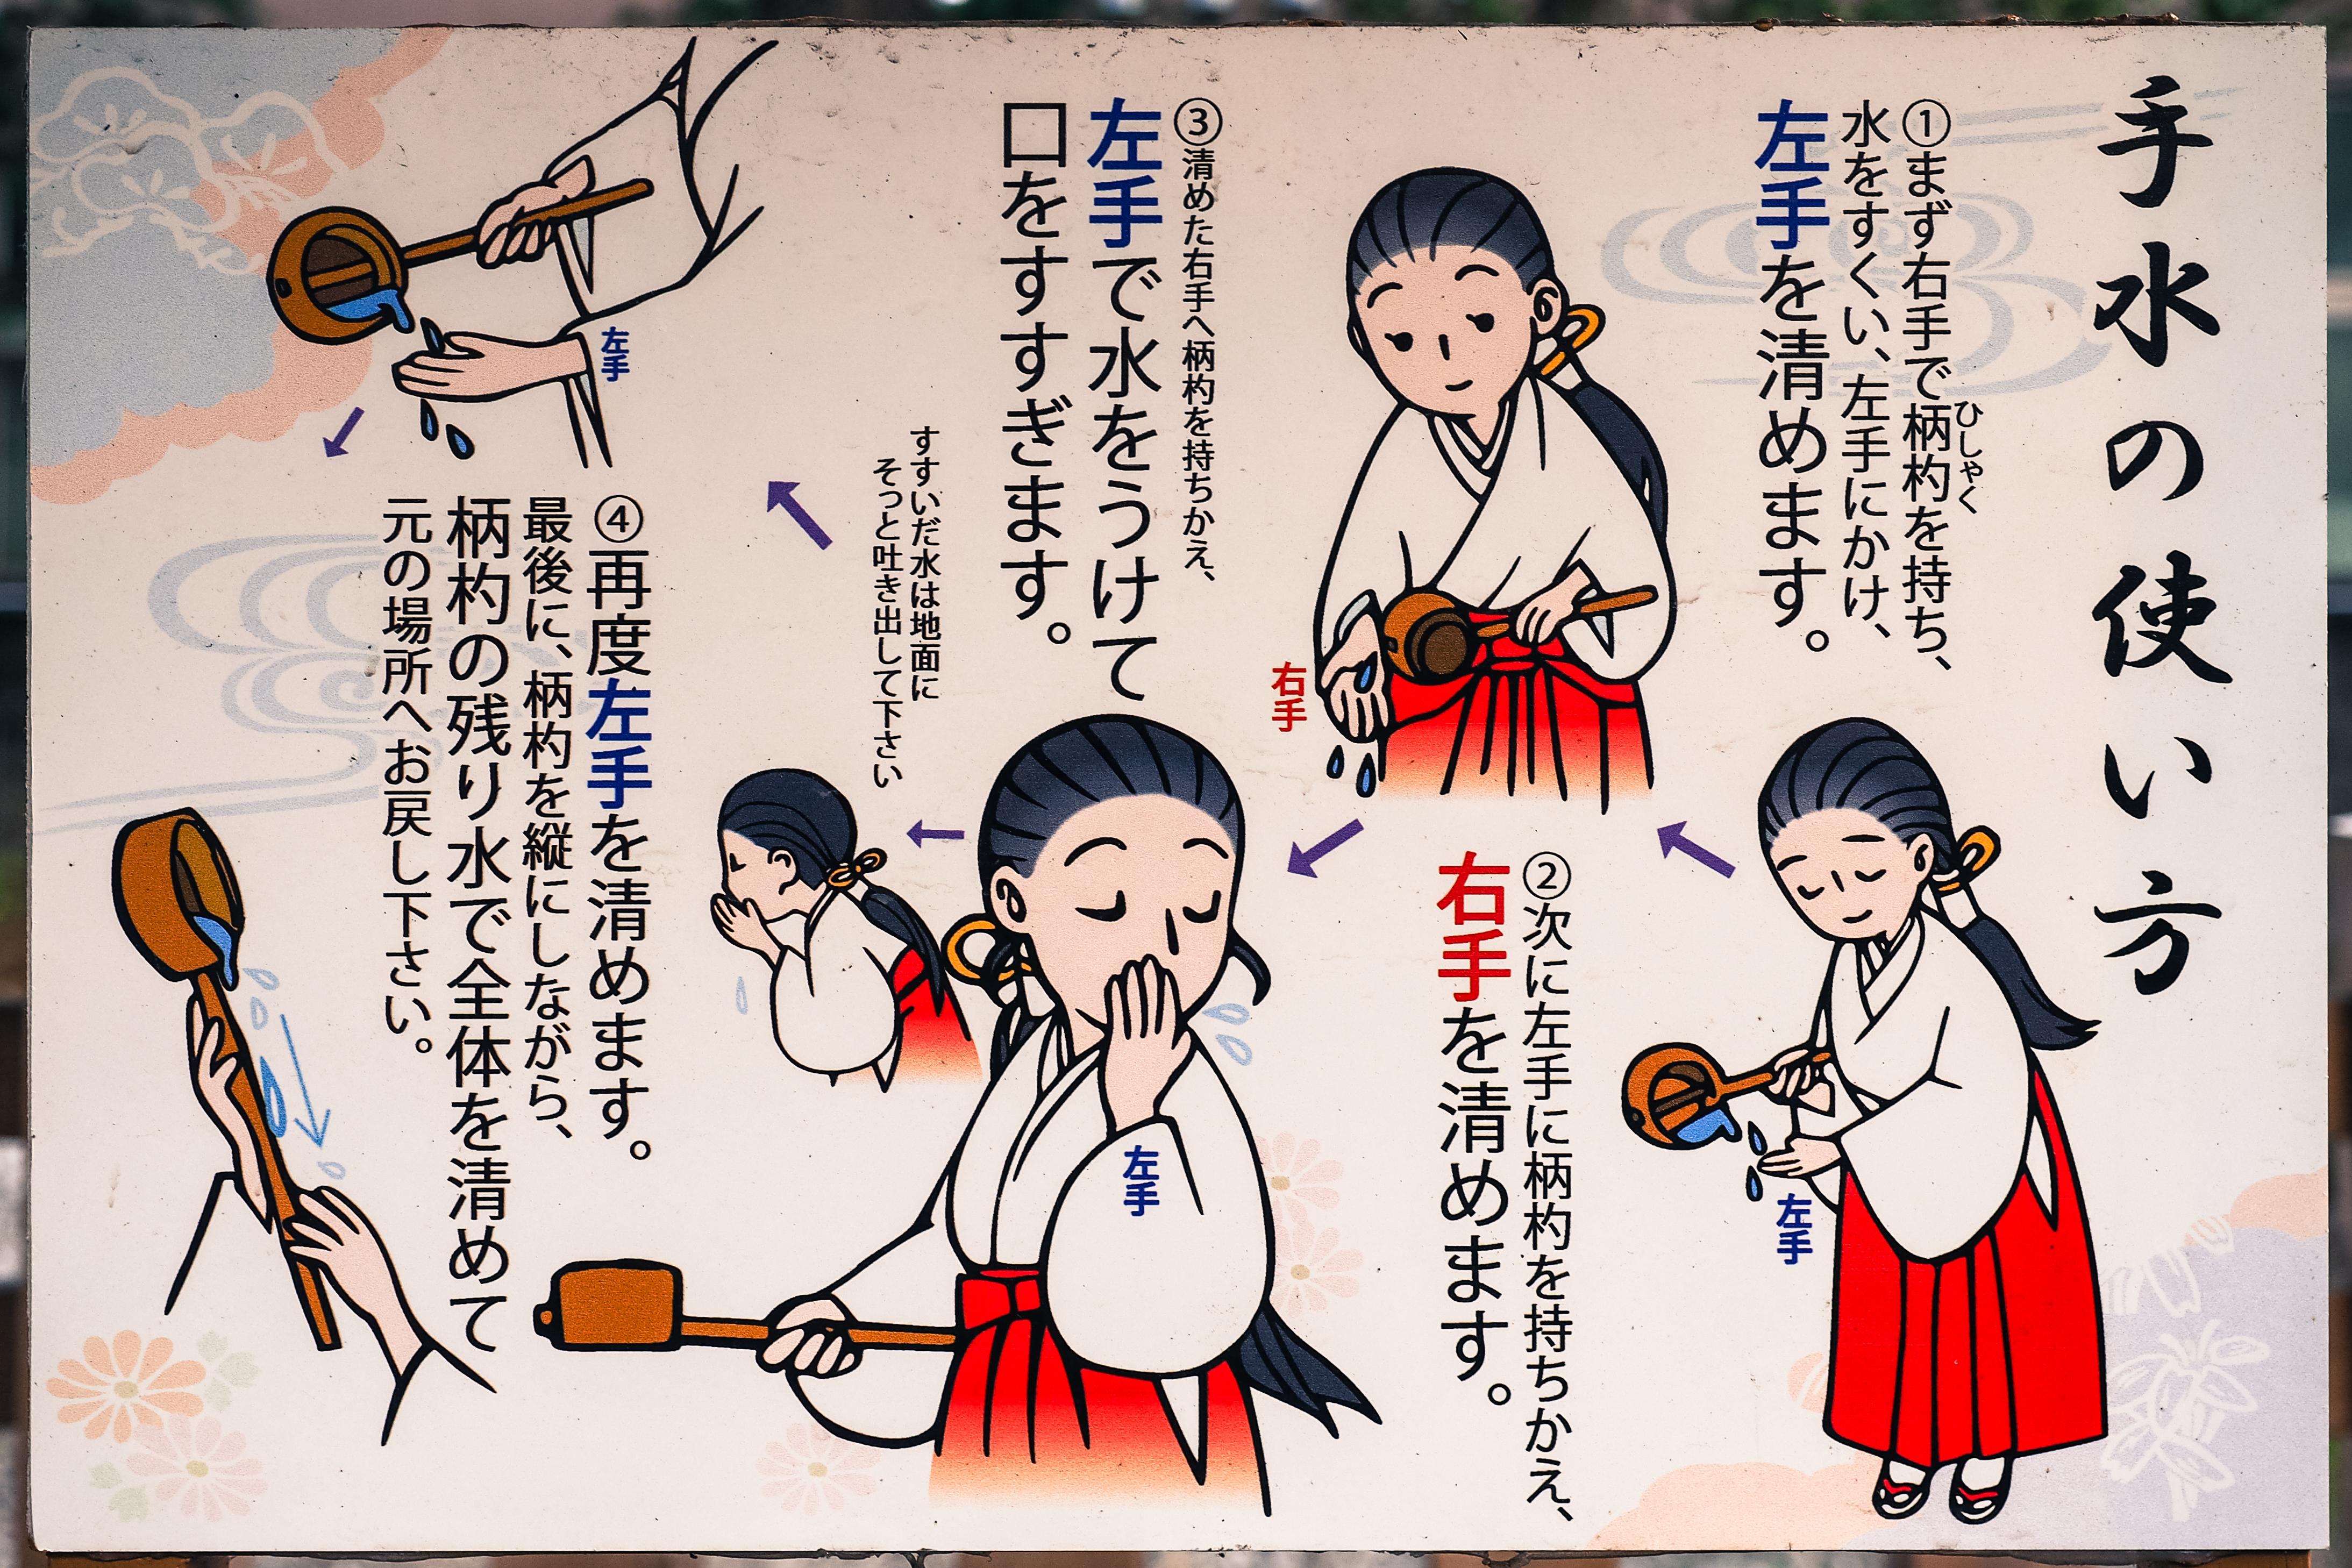 Gambar Jepang Seni Ilustrasi Poster Yokohama Omdem1 Gambar